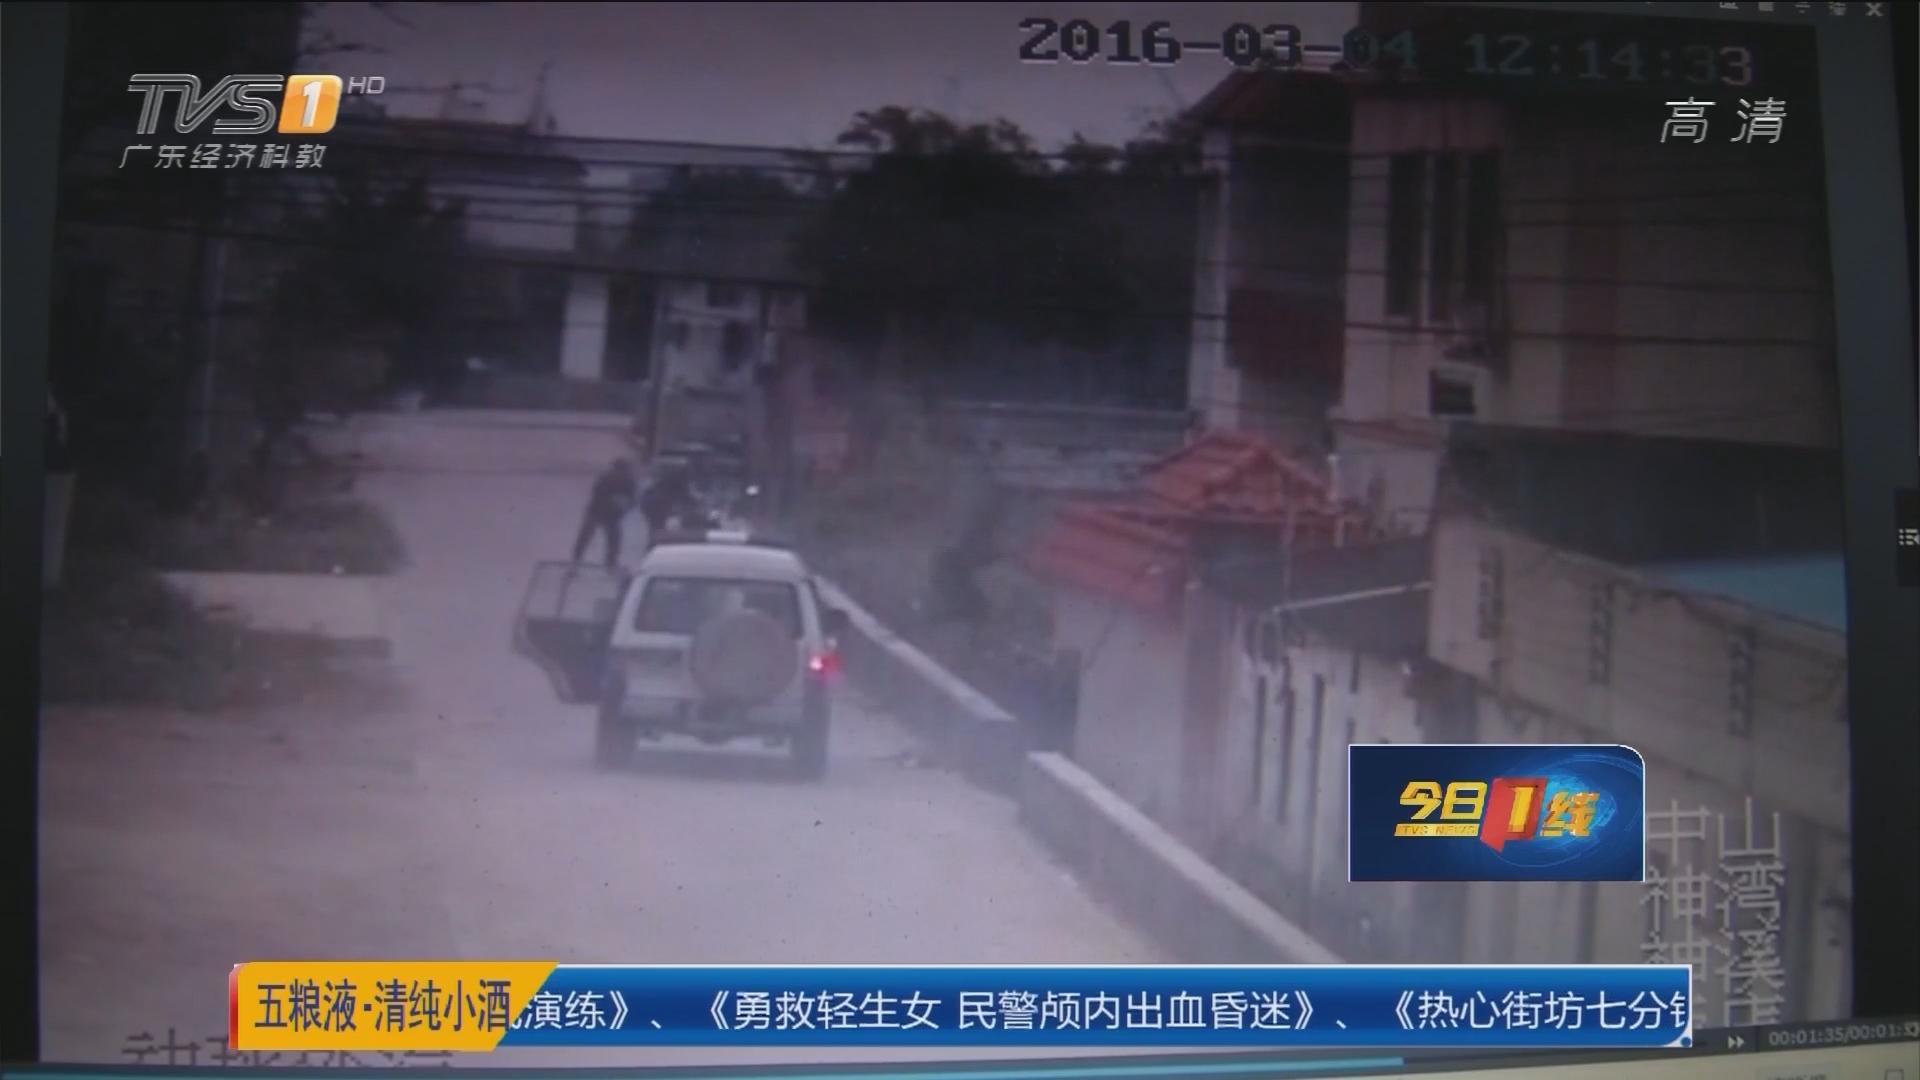 创建平安广东:中山 偷狗贼正午出没 民警火速擒贼